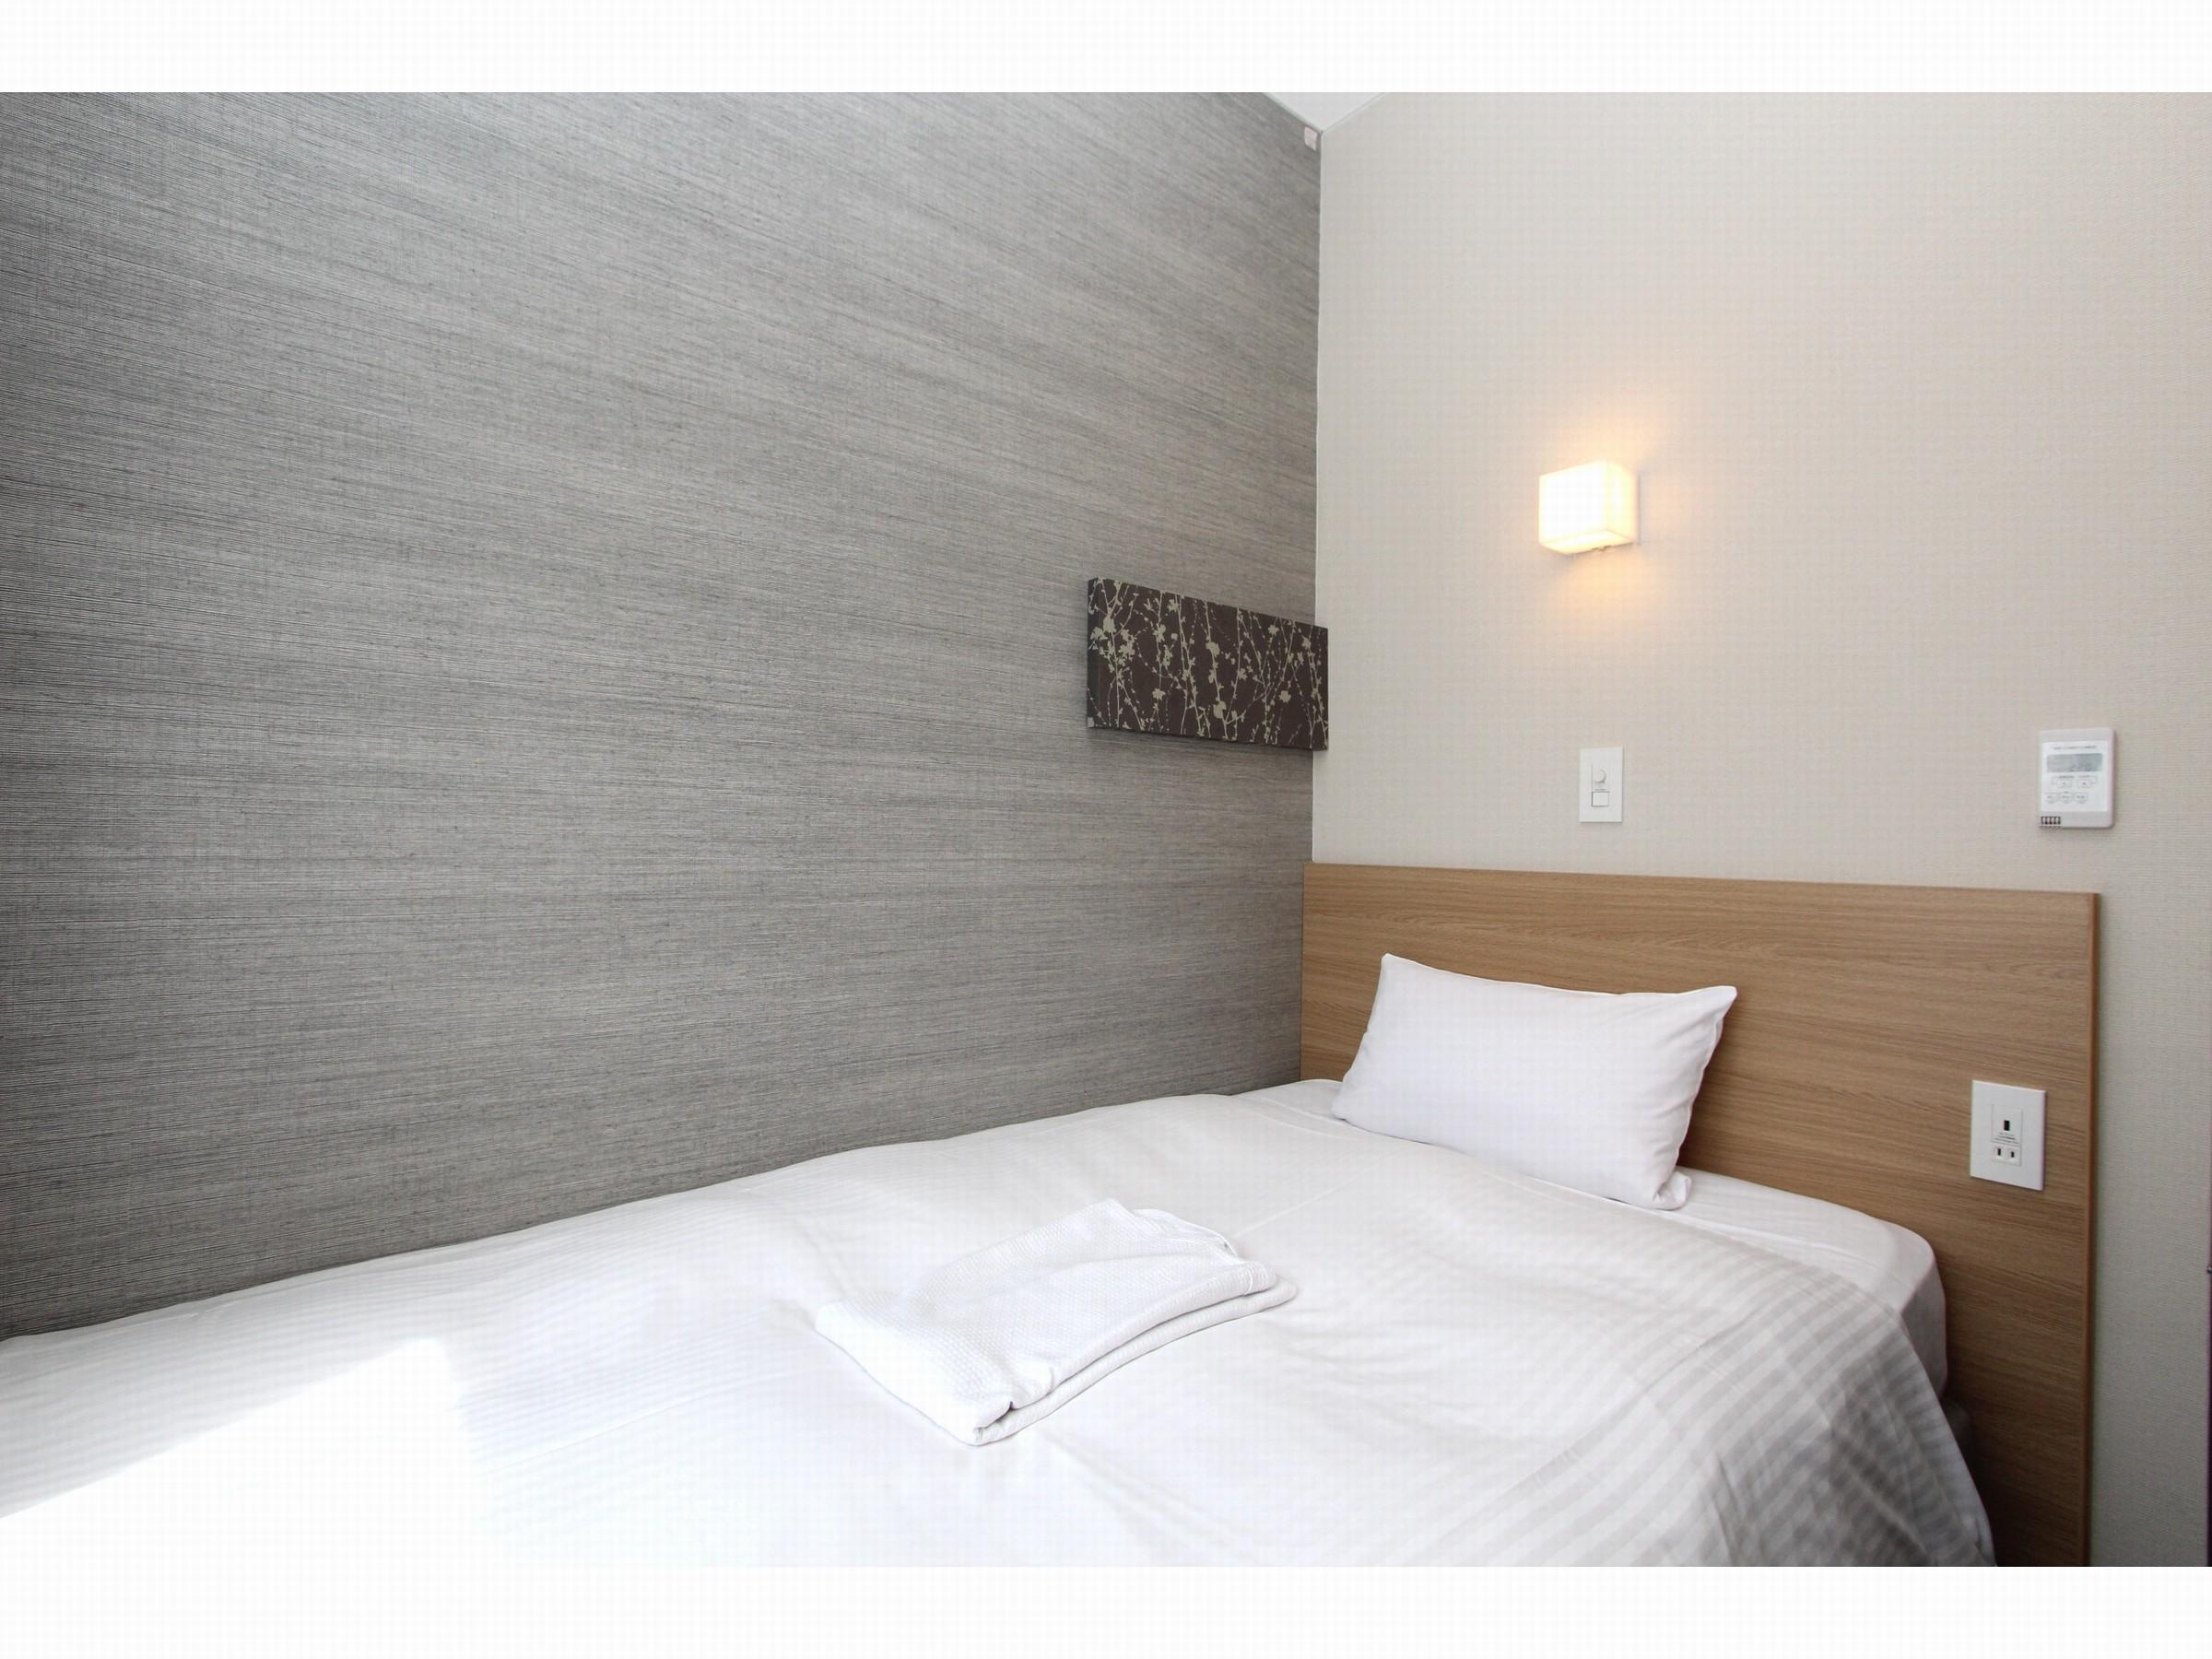 スマイルホテル青森 / シンプルステイプラン(素泊り)【全室Wi-Fi&LAN完備】